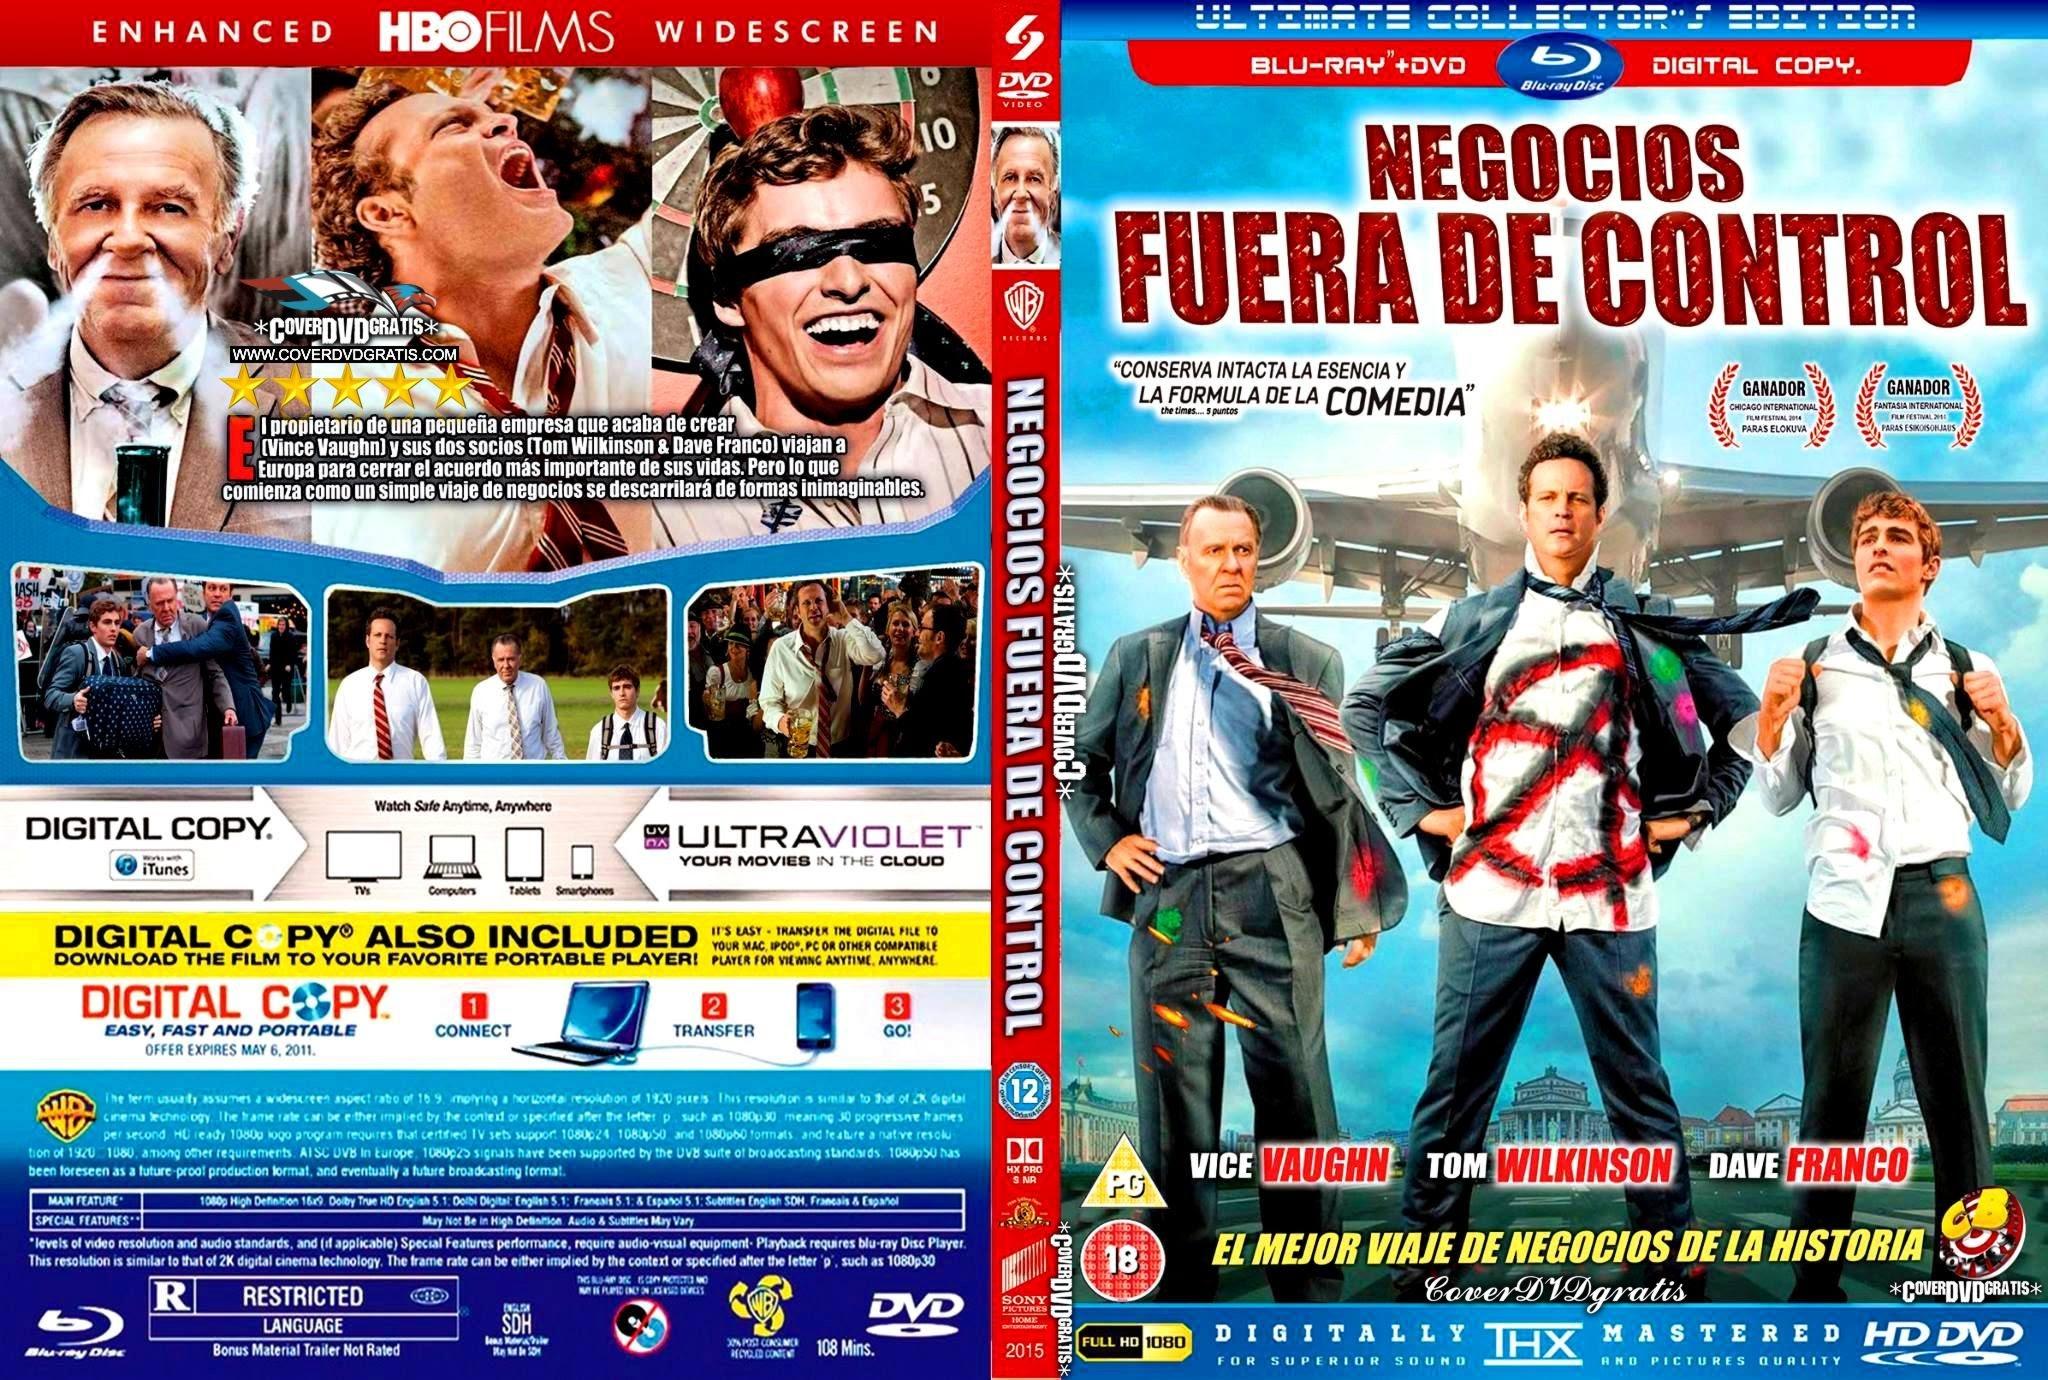 Negocios Fuera De Control 2015 Caratula Dvd Archivos